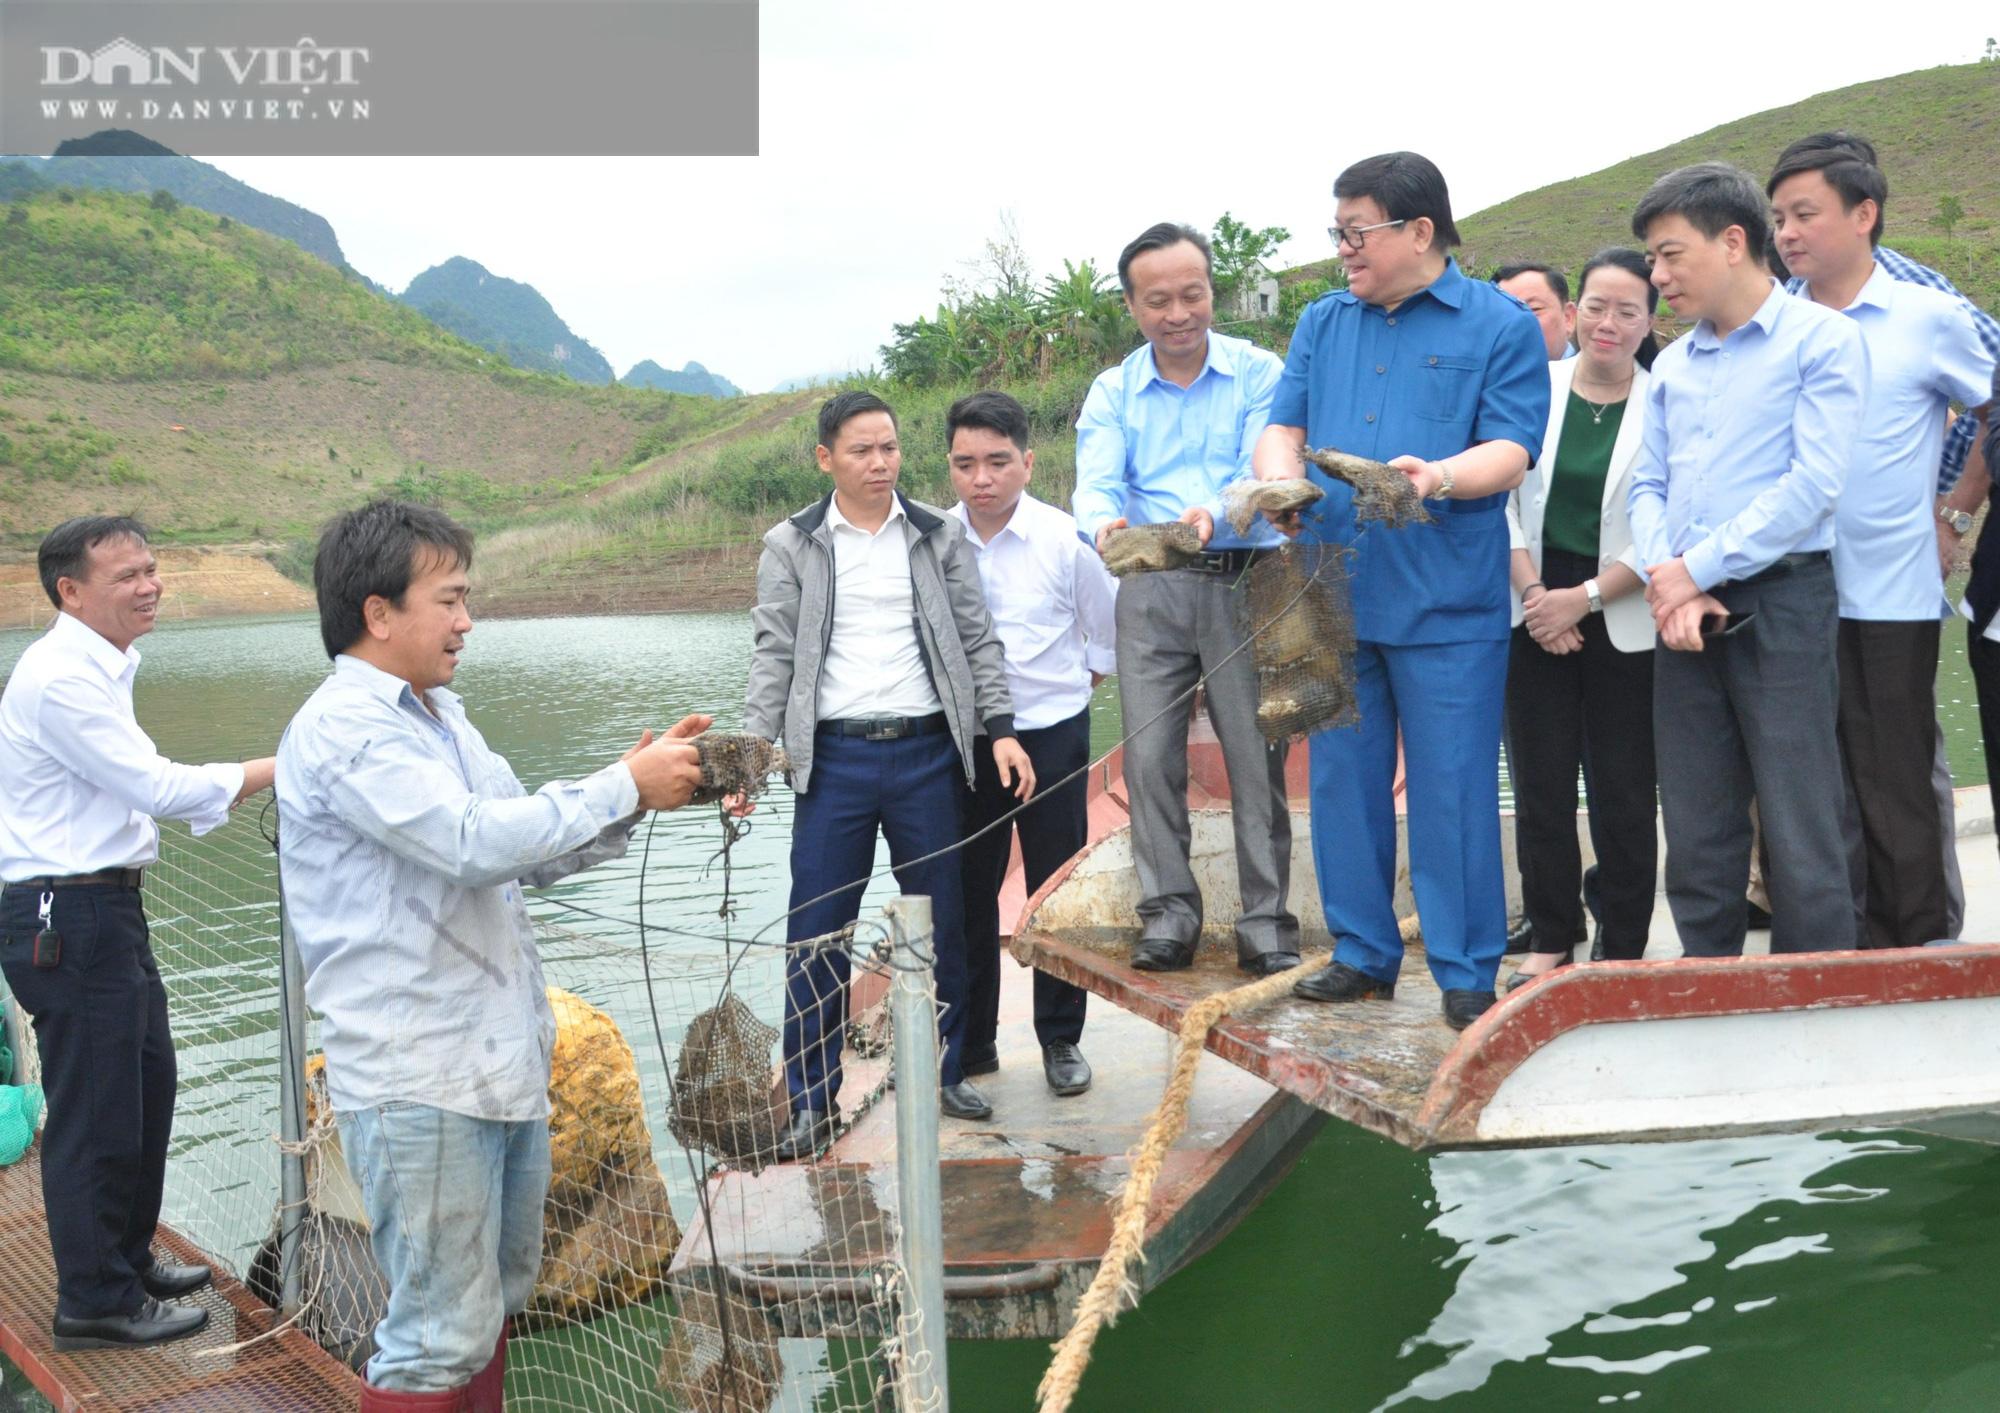 """Nơi nông dân biết """"ép"""" sông nhả ngọc, thuần phục loài cá đặc sản thu chục tỷ đồng/năm - Ảnh 1."""